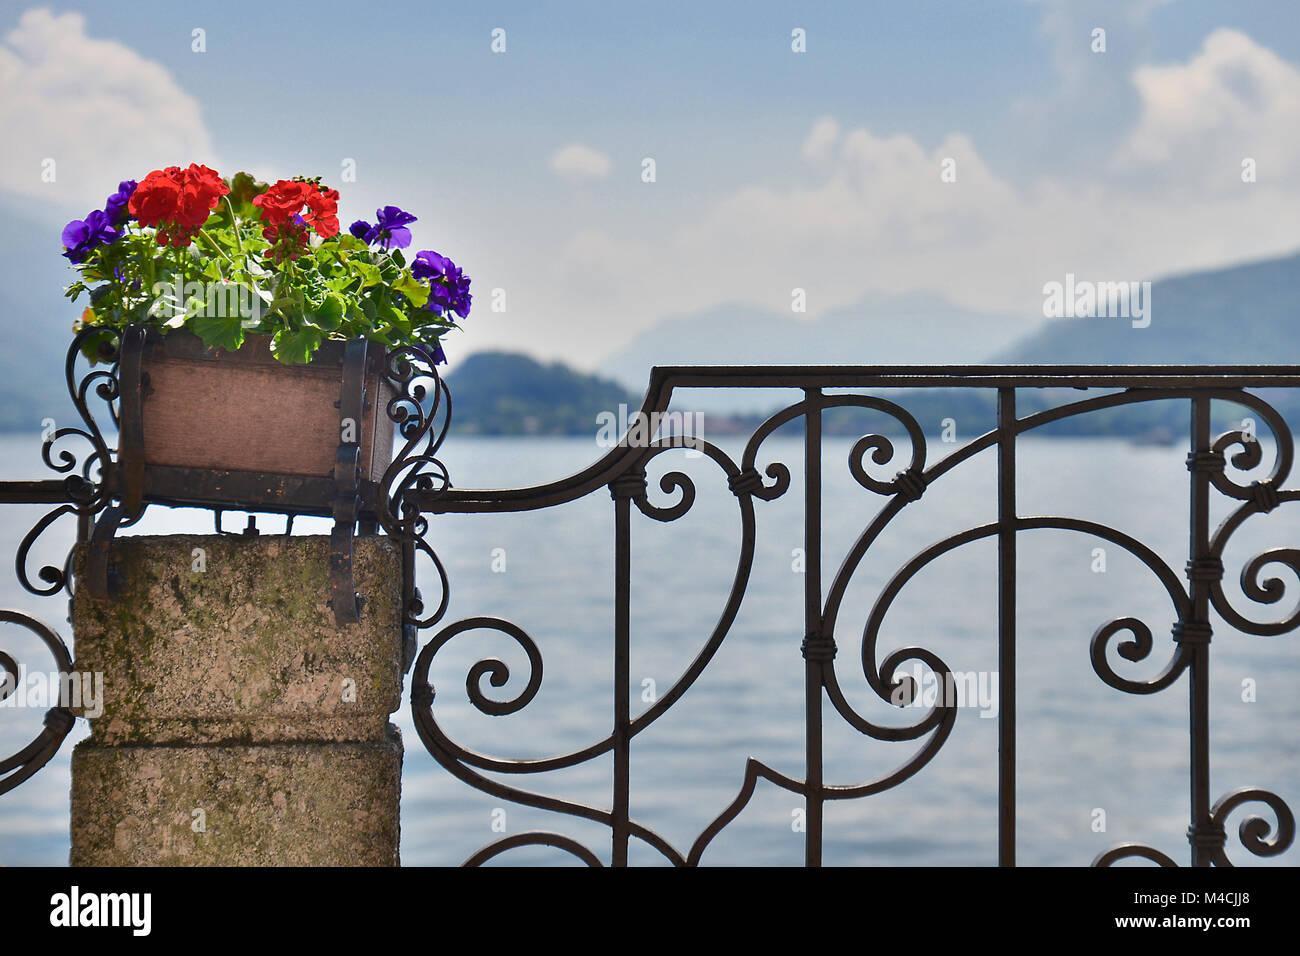 Colorati D Azzurro Chiaro fiori colorati su un palo di pietra e recinzione in ferro in